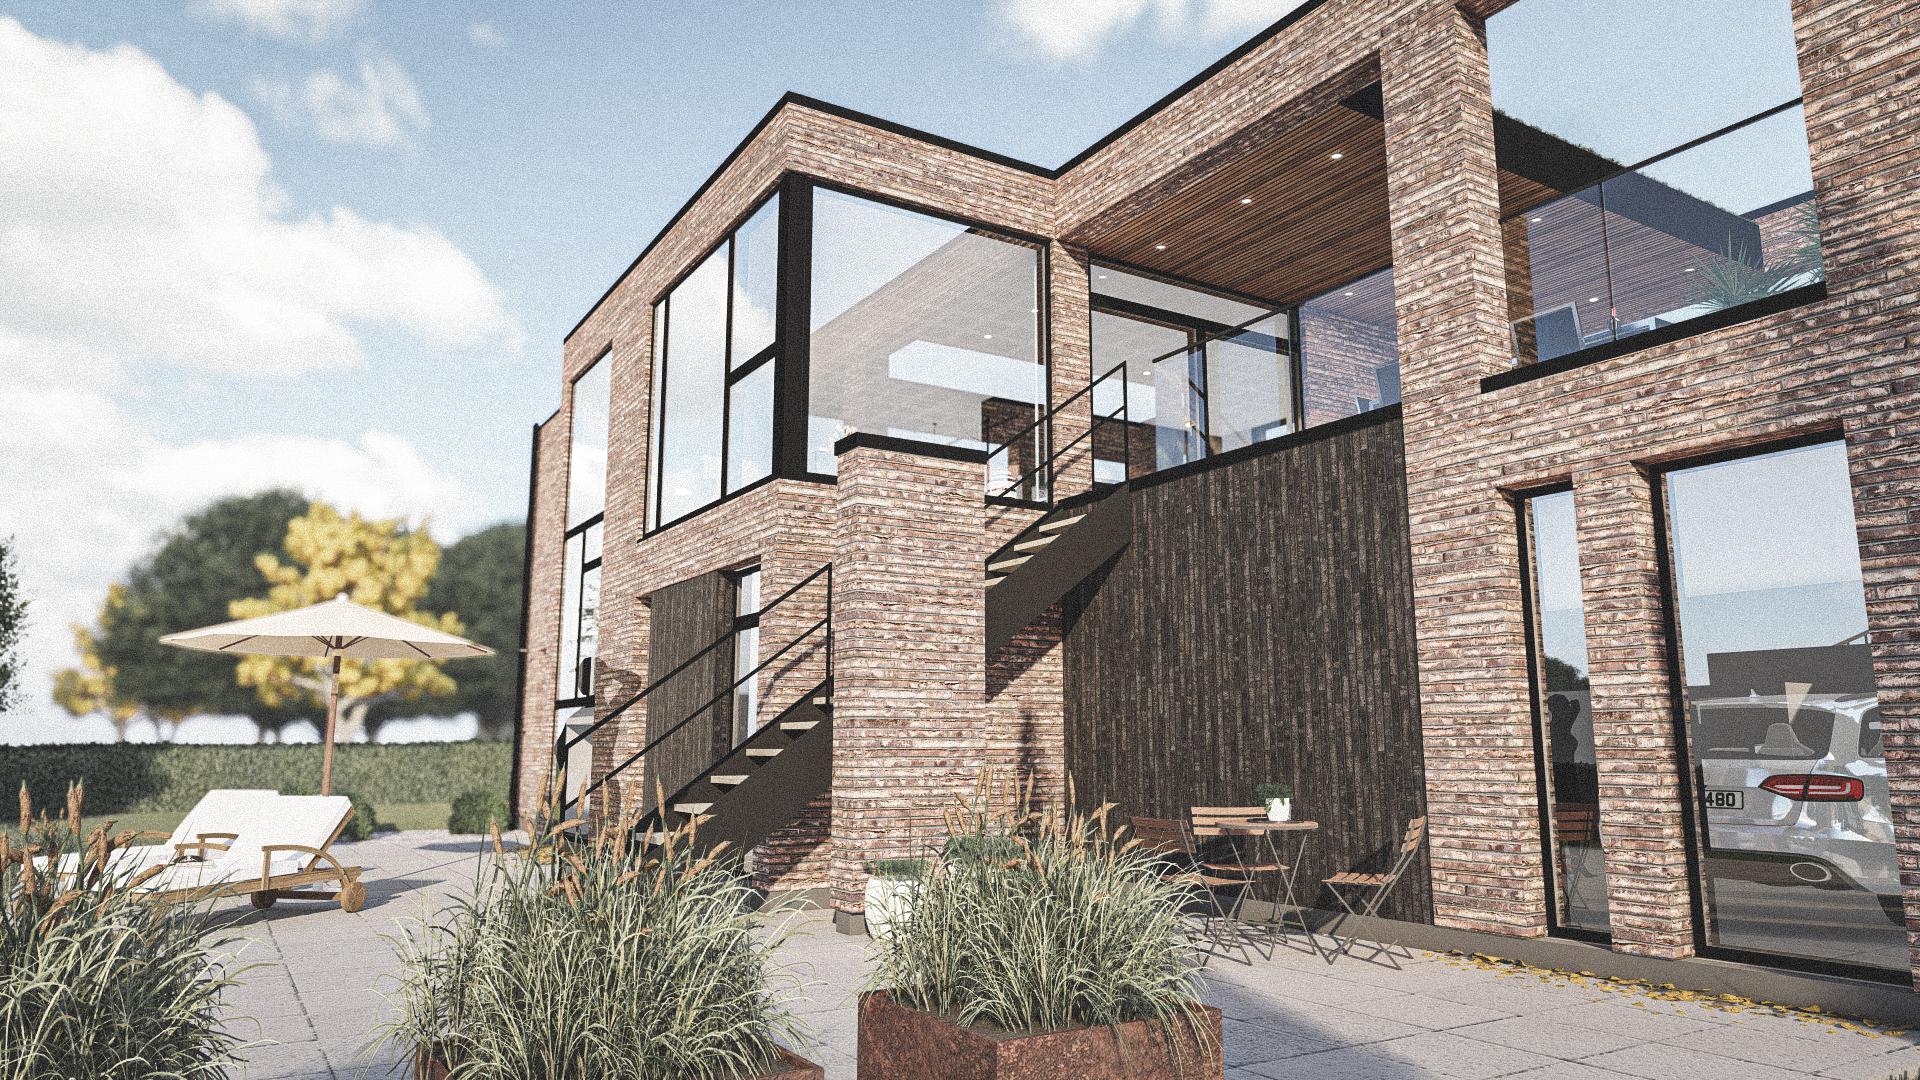 Billede af Dansk arkitekttegnet 2 plan villa af arkitektfirmaet m2plus, i Middelfart på 220 kvartratmeter.